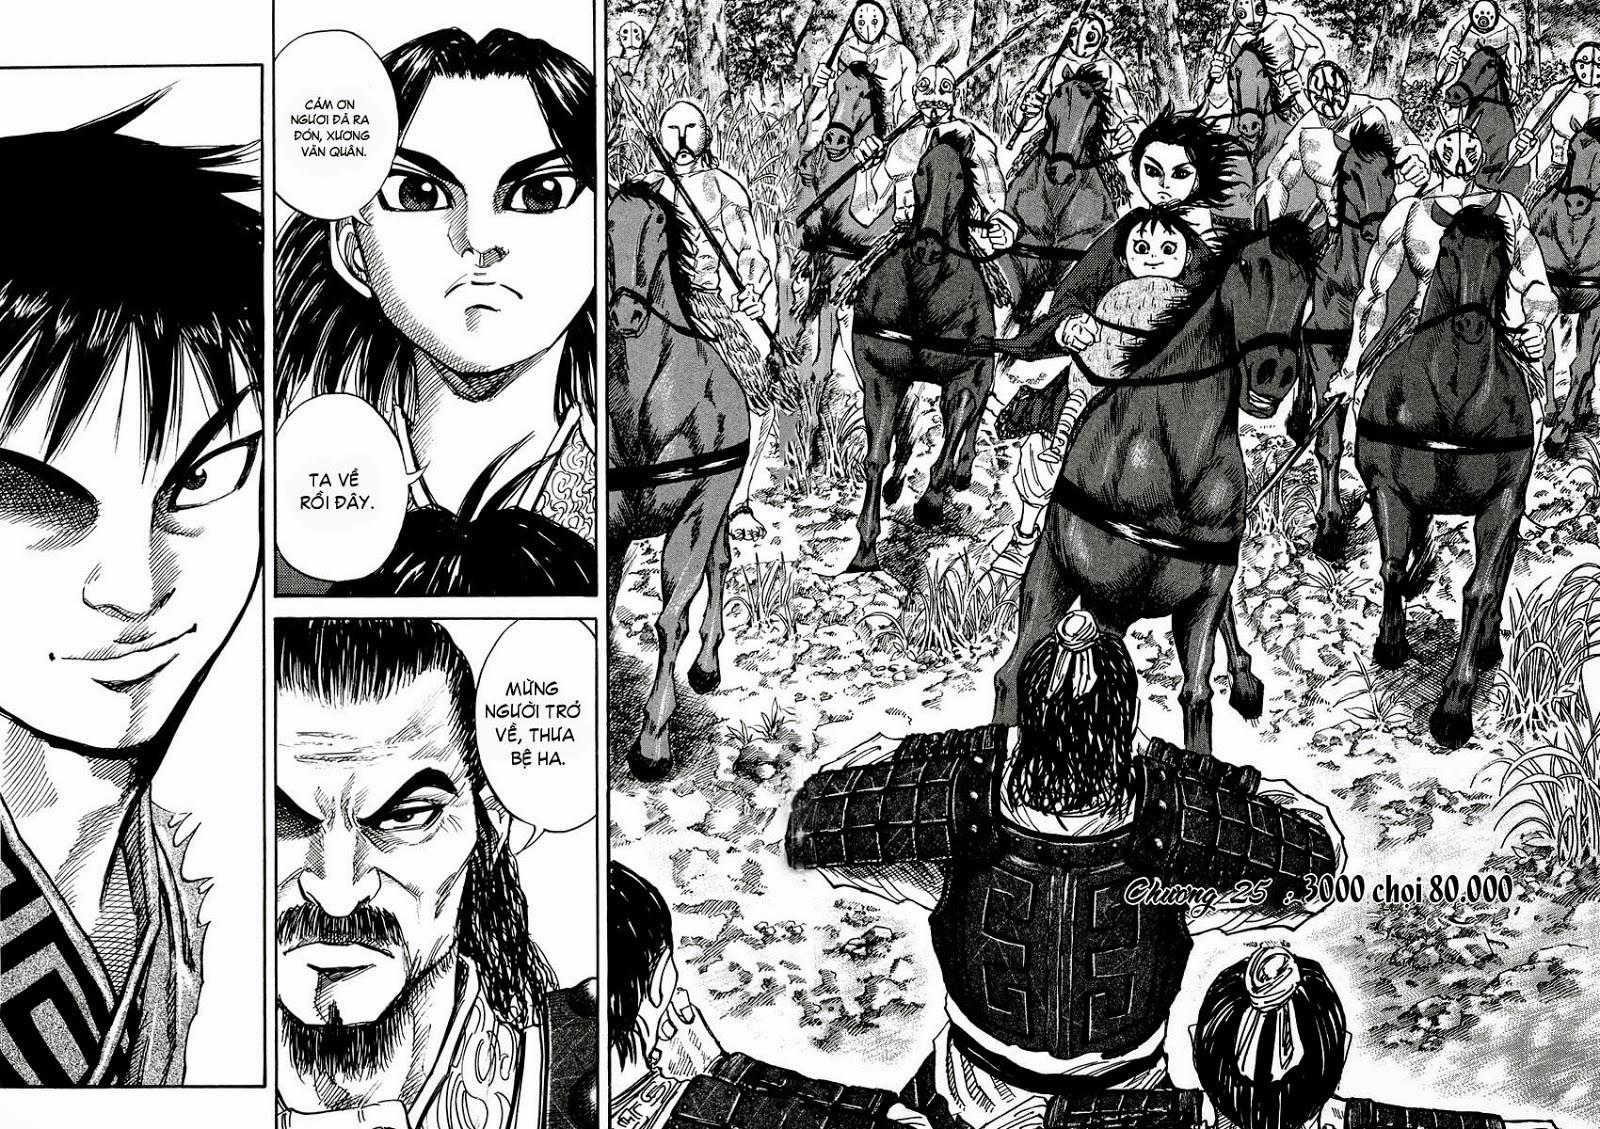 Kingdom – Vương Giả Thiên Hạ (Tổng Hợp) chap 25 page 4 - IZTruyenTranh.com